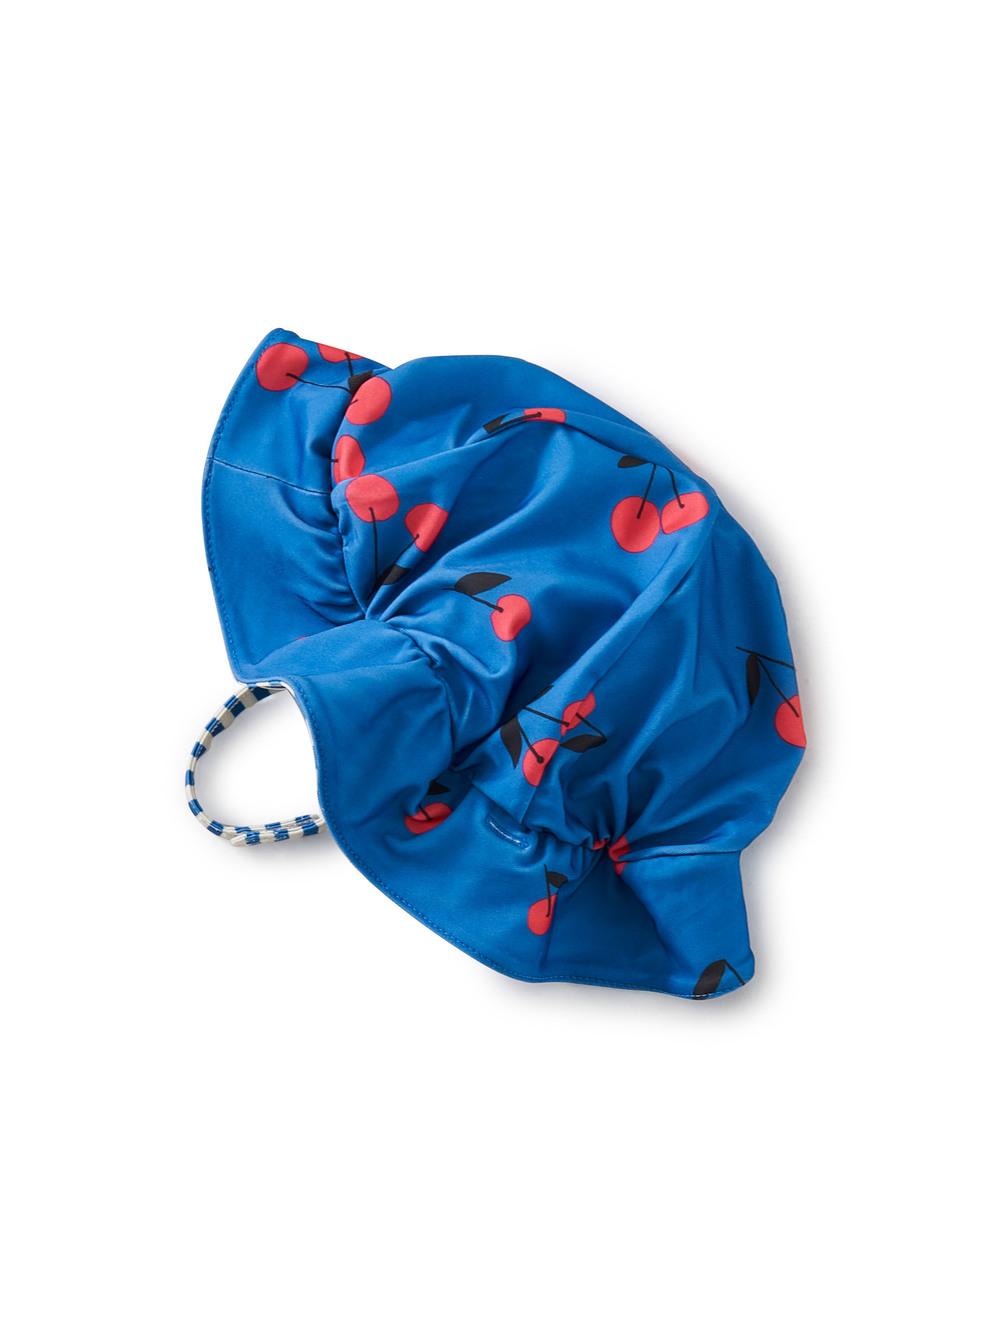 Reversible Ruffle Baby Hat